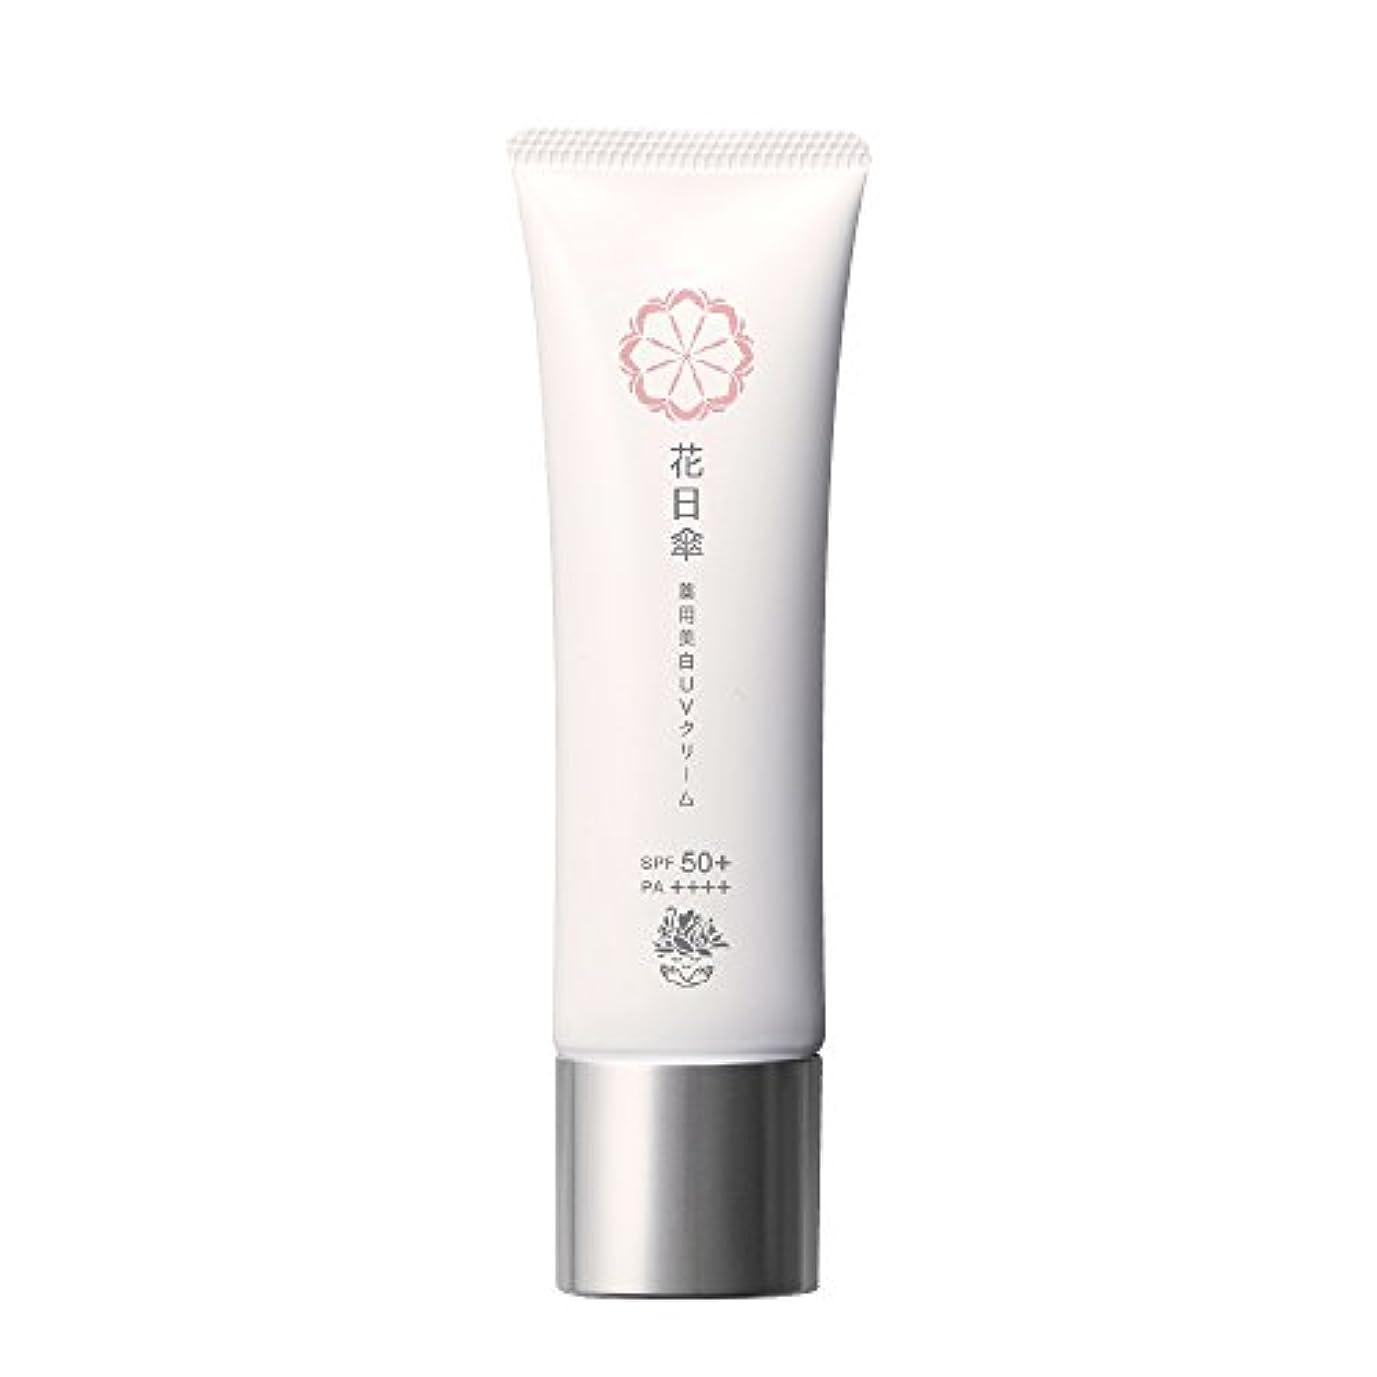 傘ドラゴン引退した花日傘 薬用美白UVクリーム SPF50+PA++++ 30g